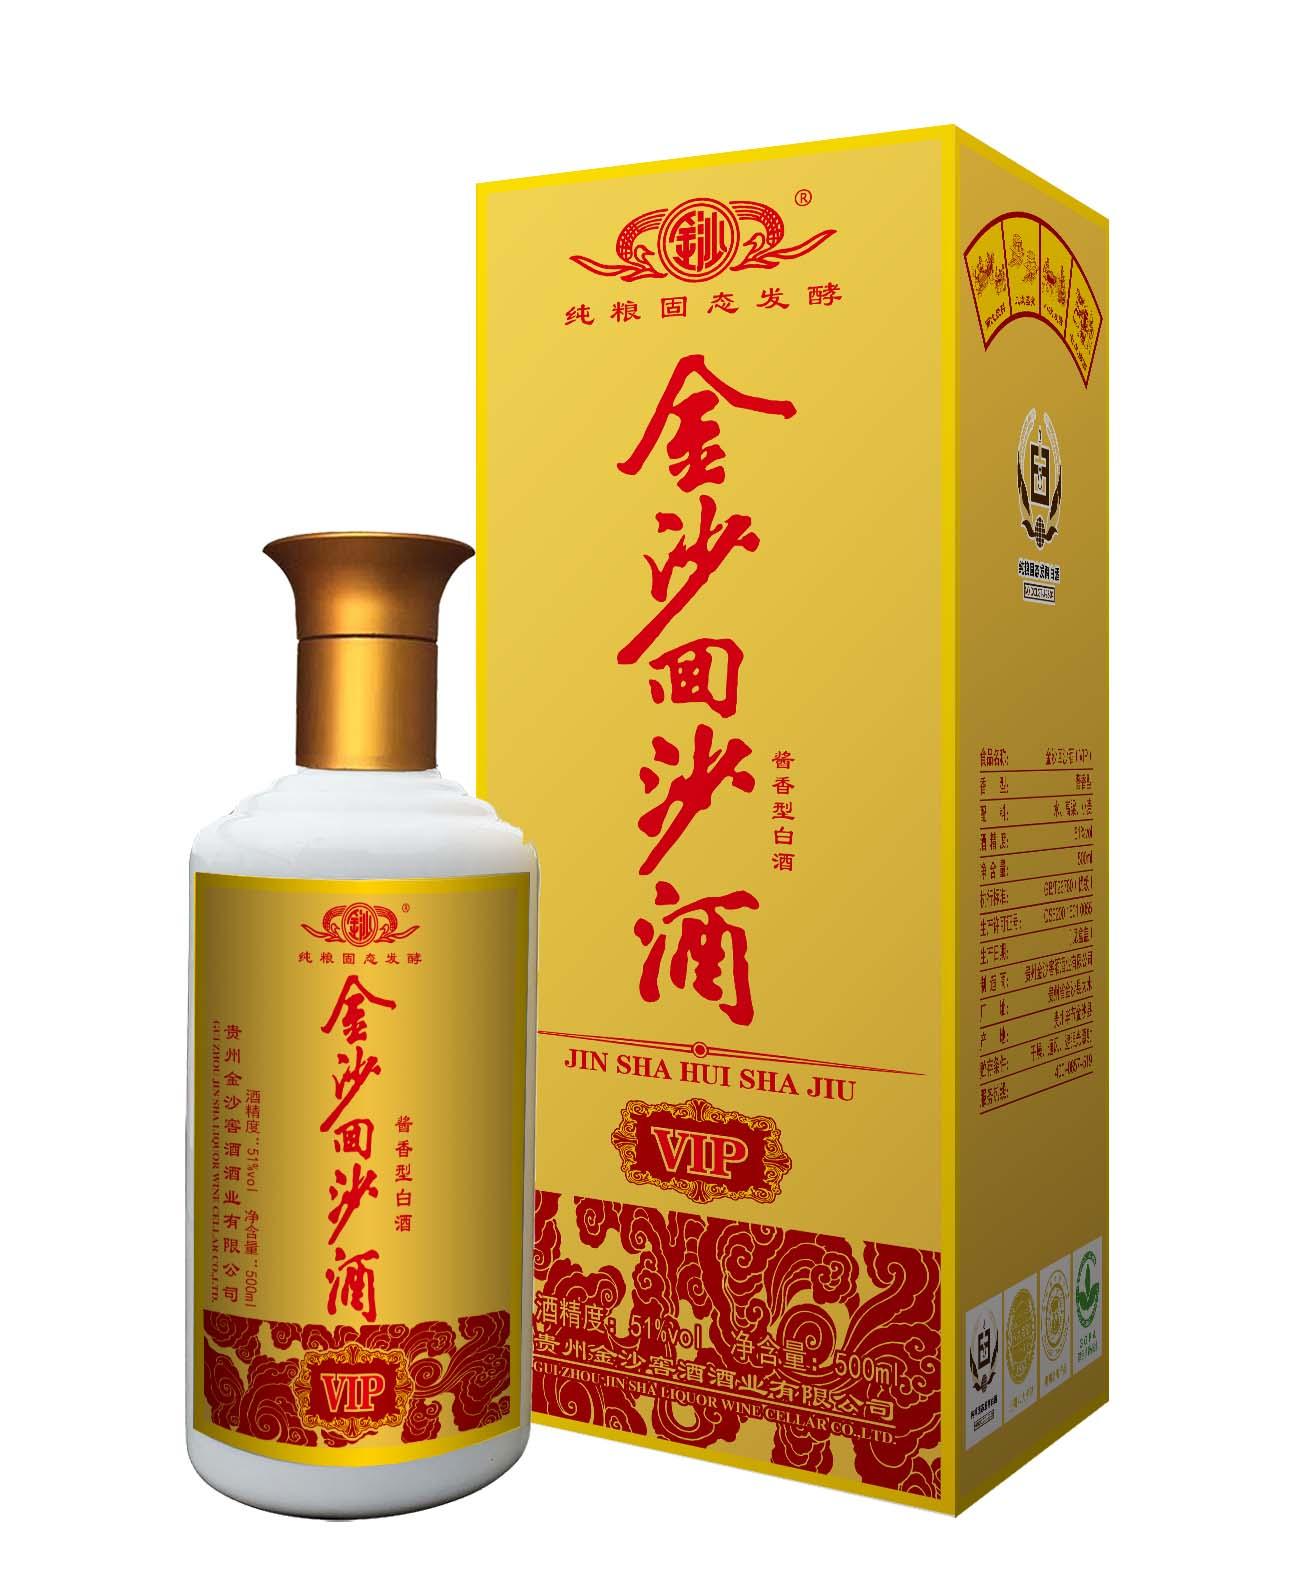 53°贵州金沙回沙酒vip(2017年)酱香型白酒500ml【每买2减10 京东配送】